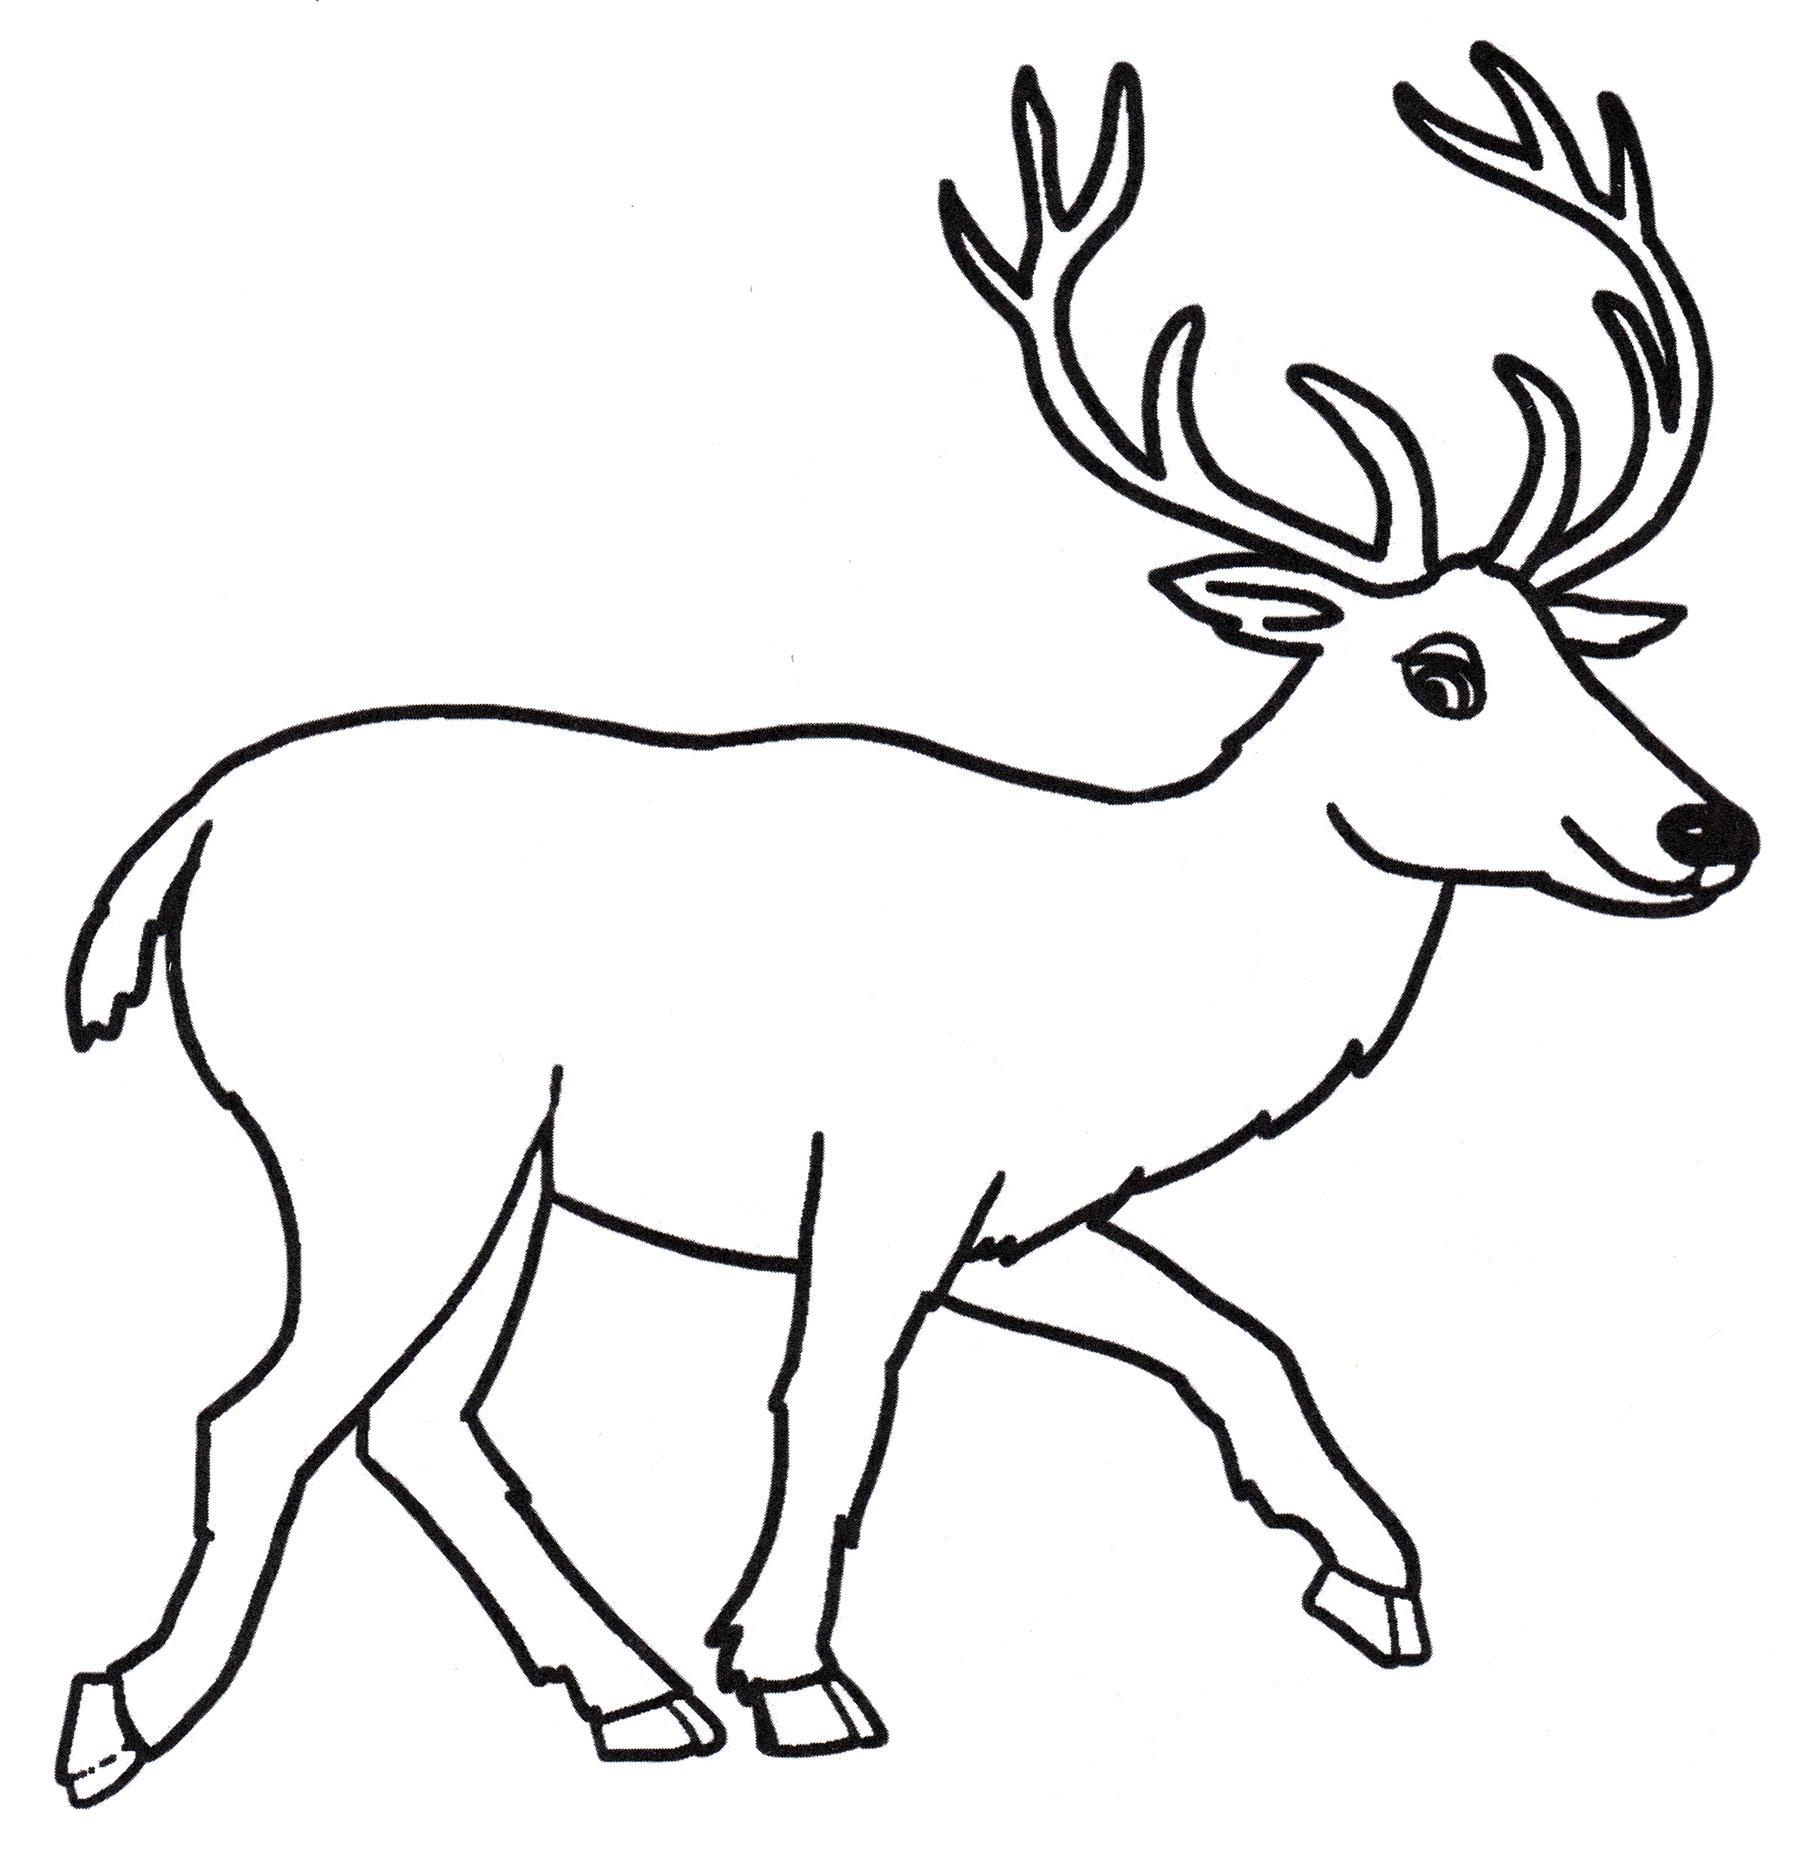 Раскраска Рогатый олень - распечатать бесплатно